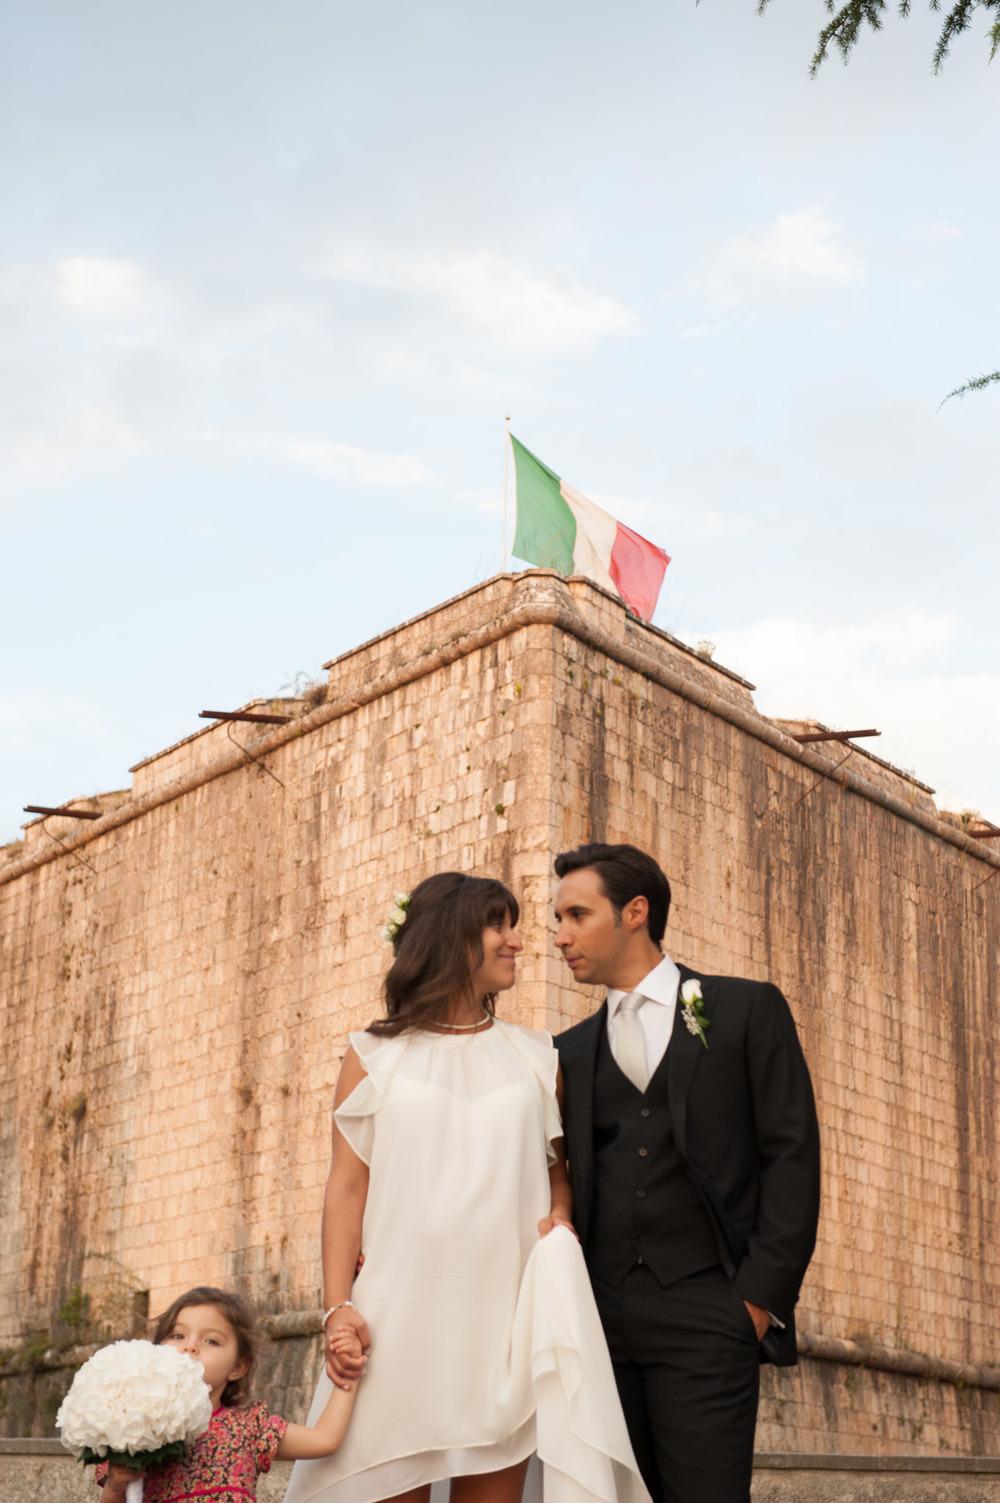 boda en italia_pablosalgado__PSB6625.jpg